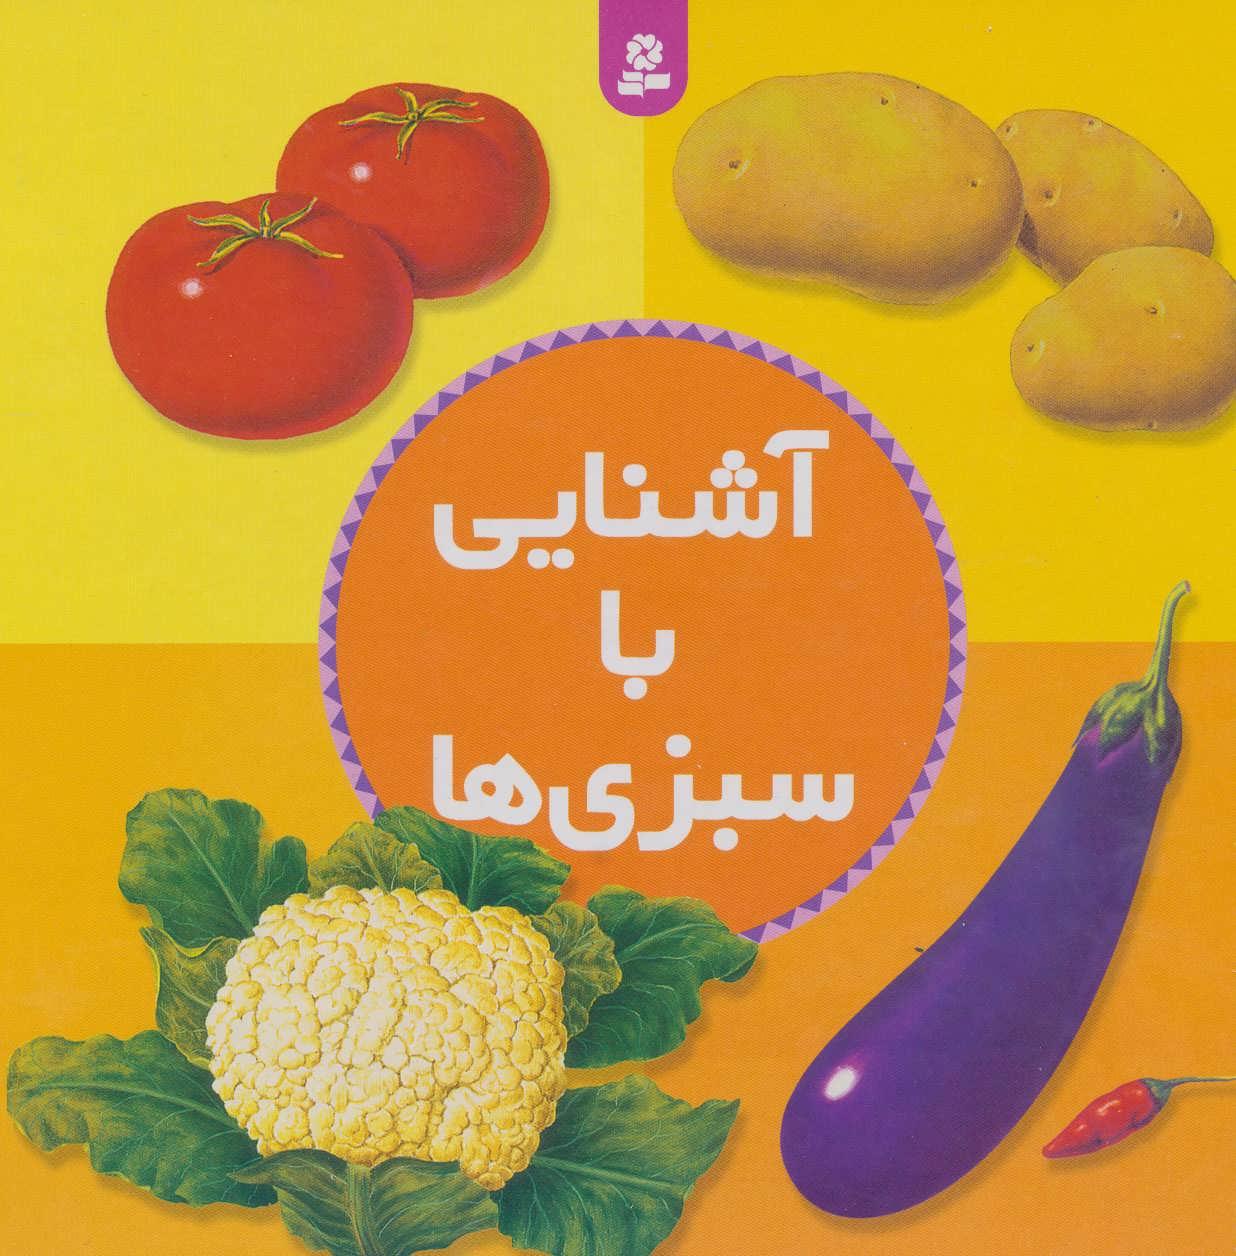 کتاب آشنائی با سبزیها